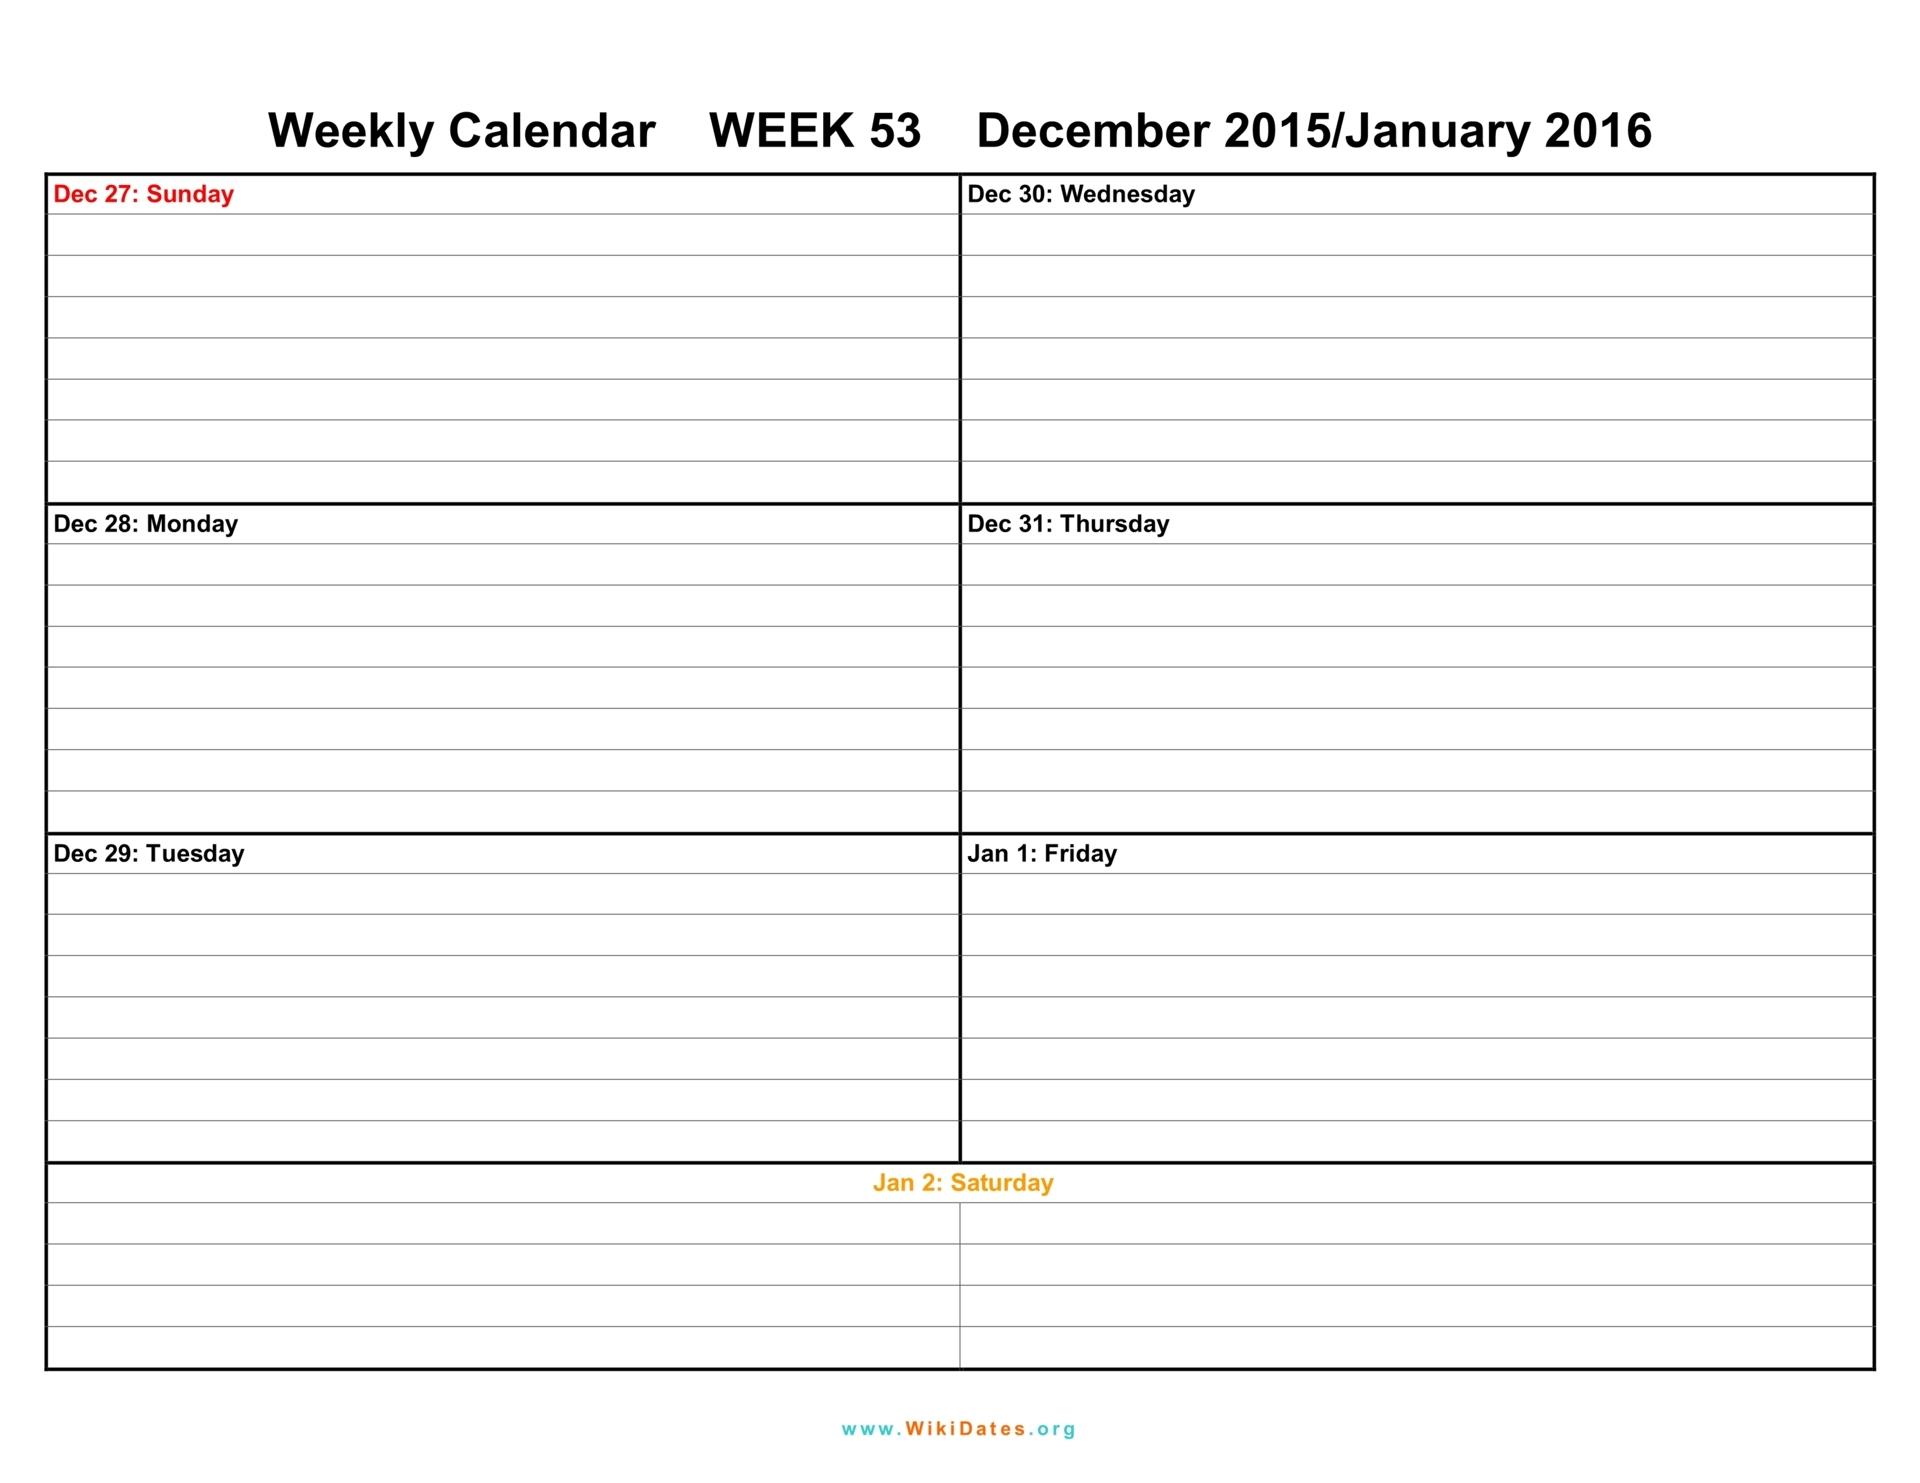 Pdf-Printable-Weekly-Calendar-Template-July intended for Printable Weekly Calendar Template July